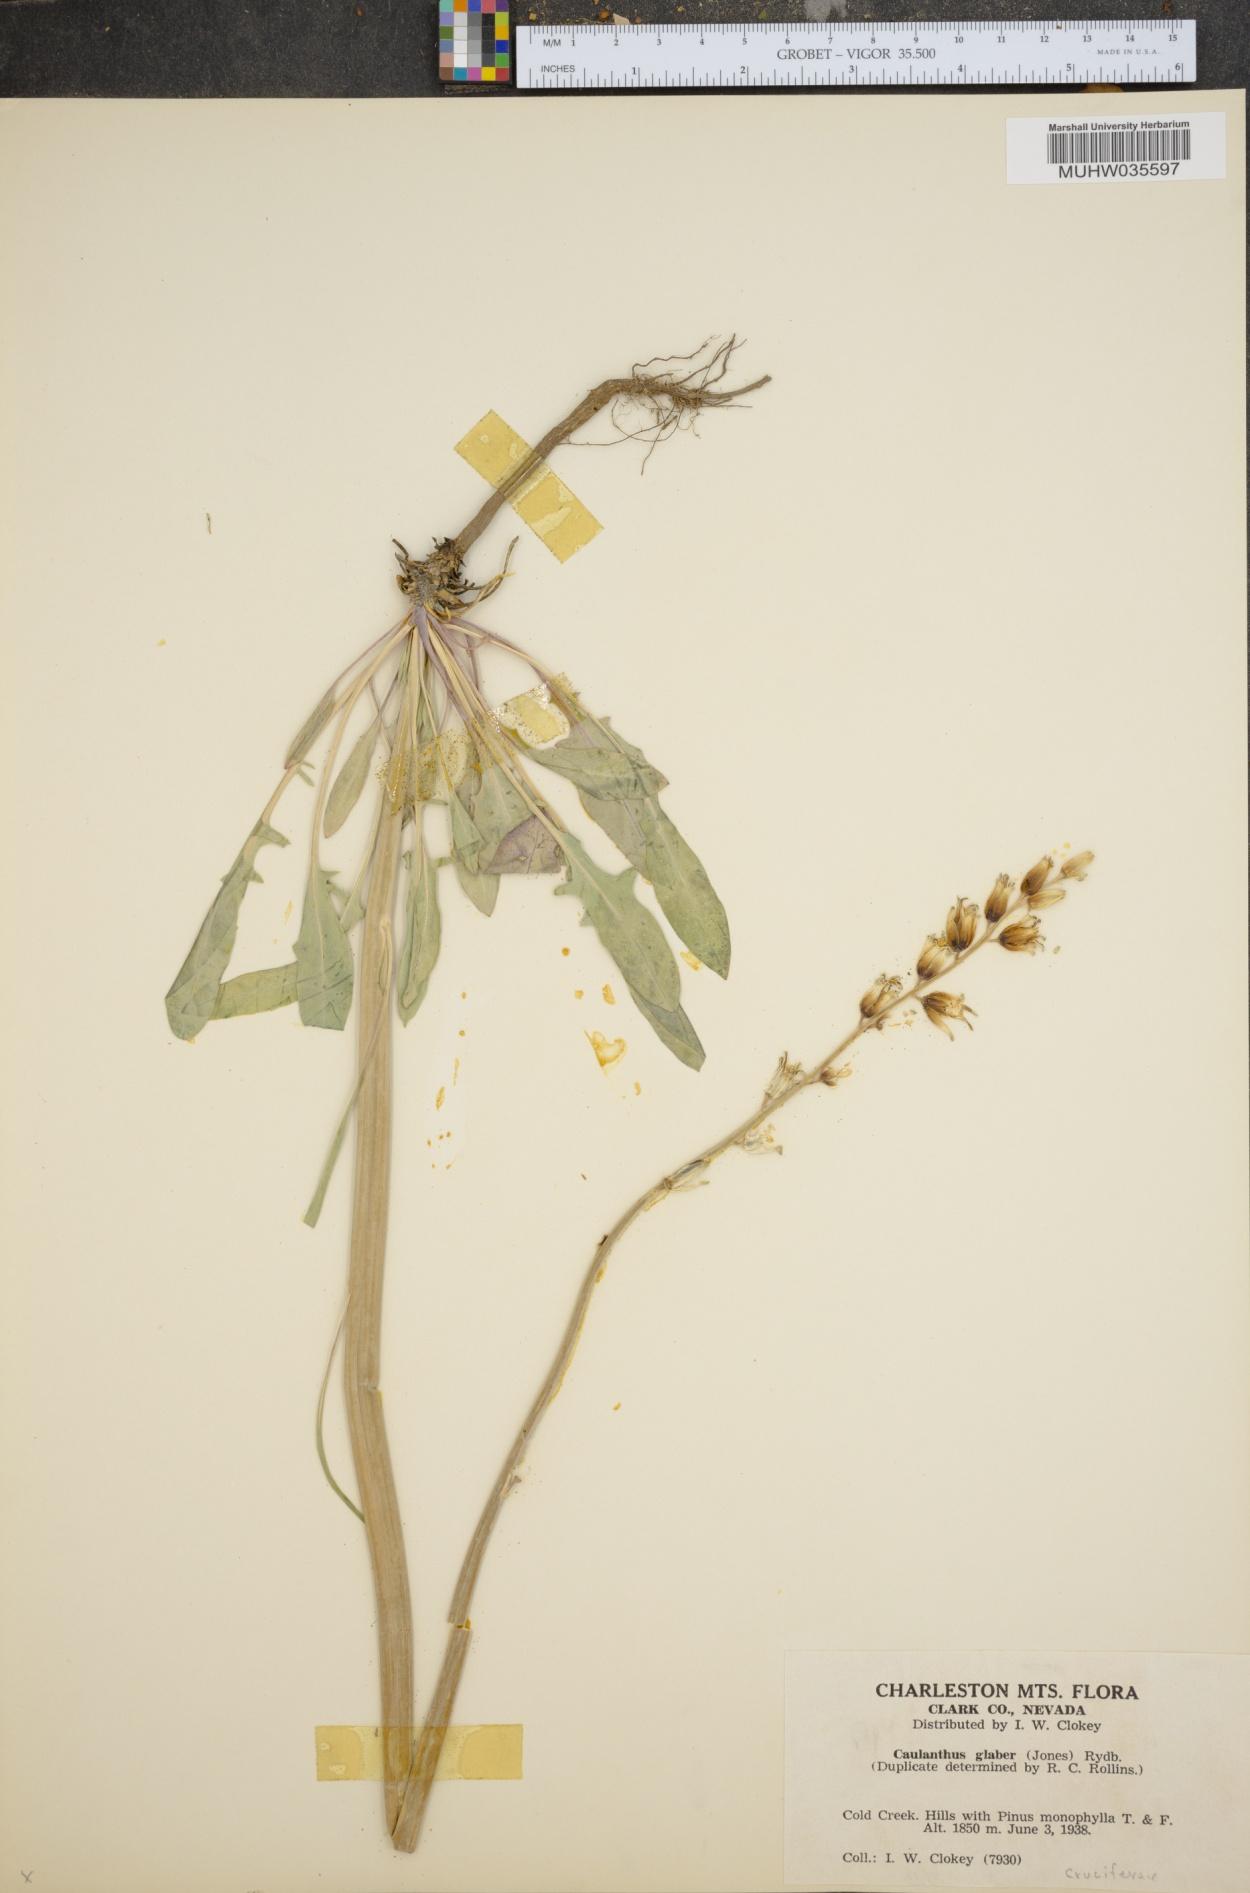 Caulanthus glaber image